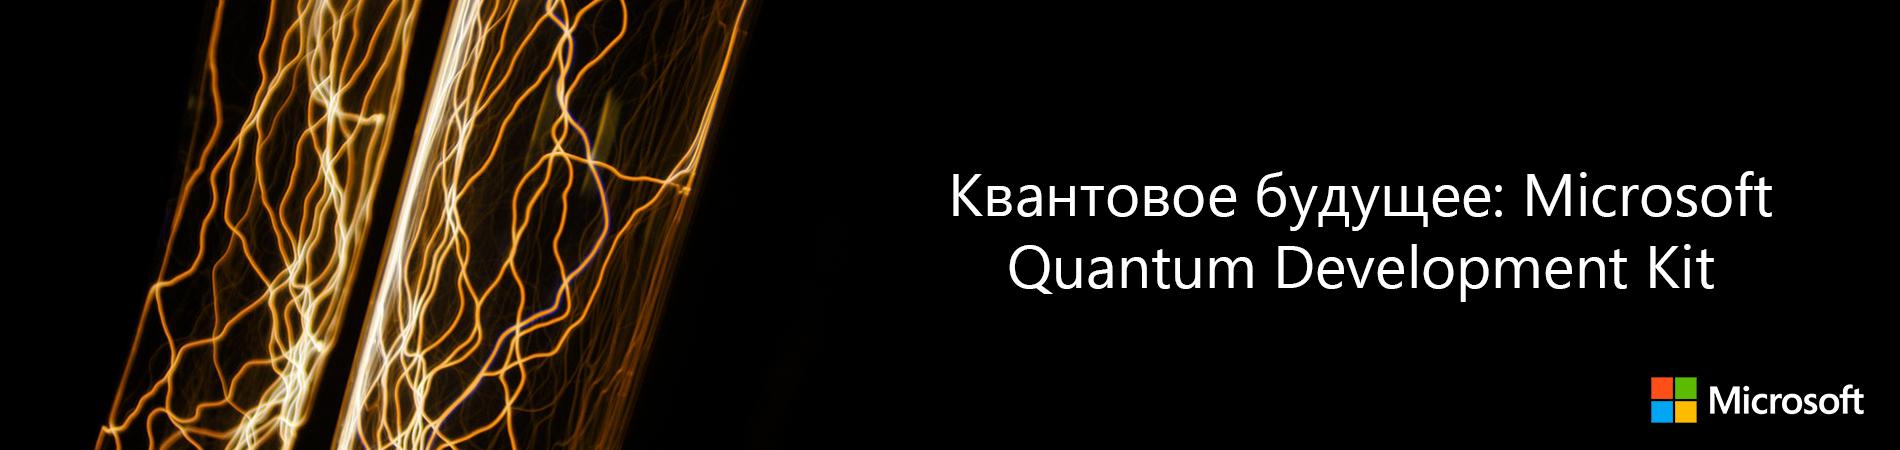 Квантовое будущее: Microsoft Quantum Development Kit